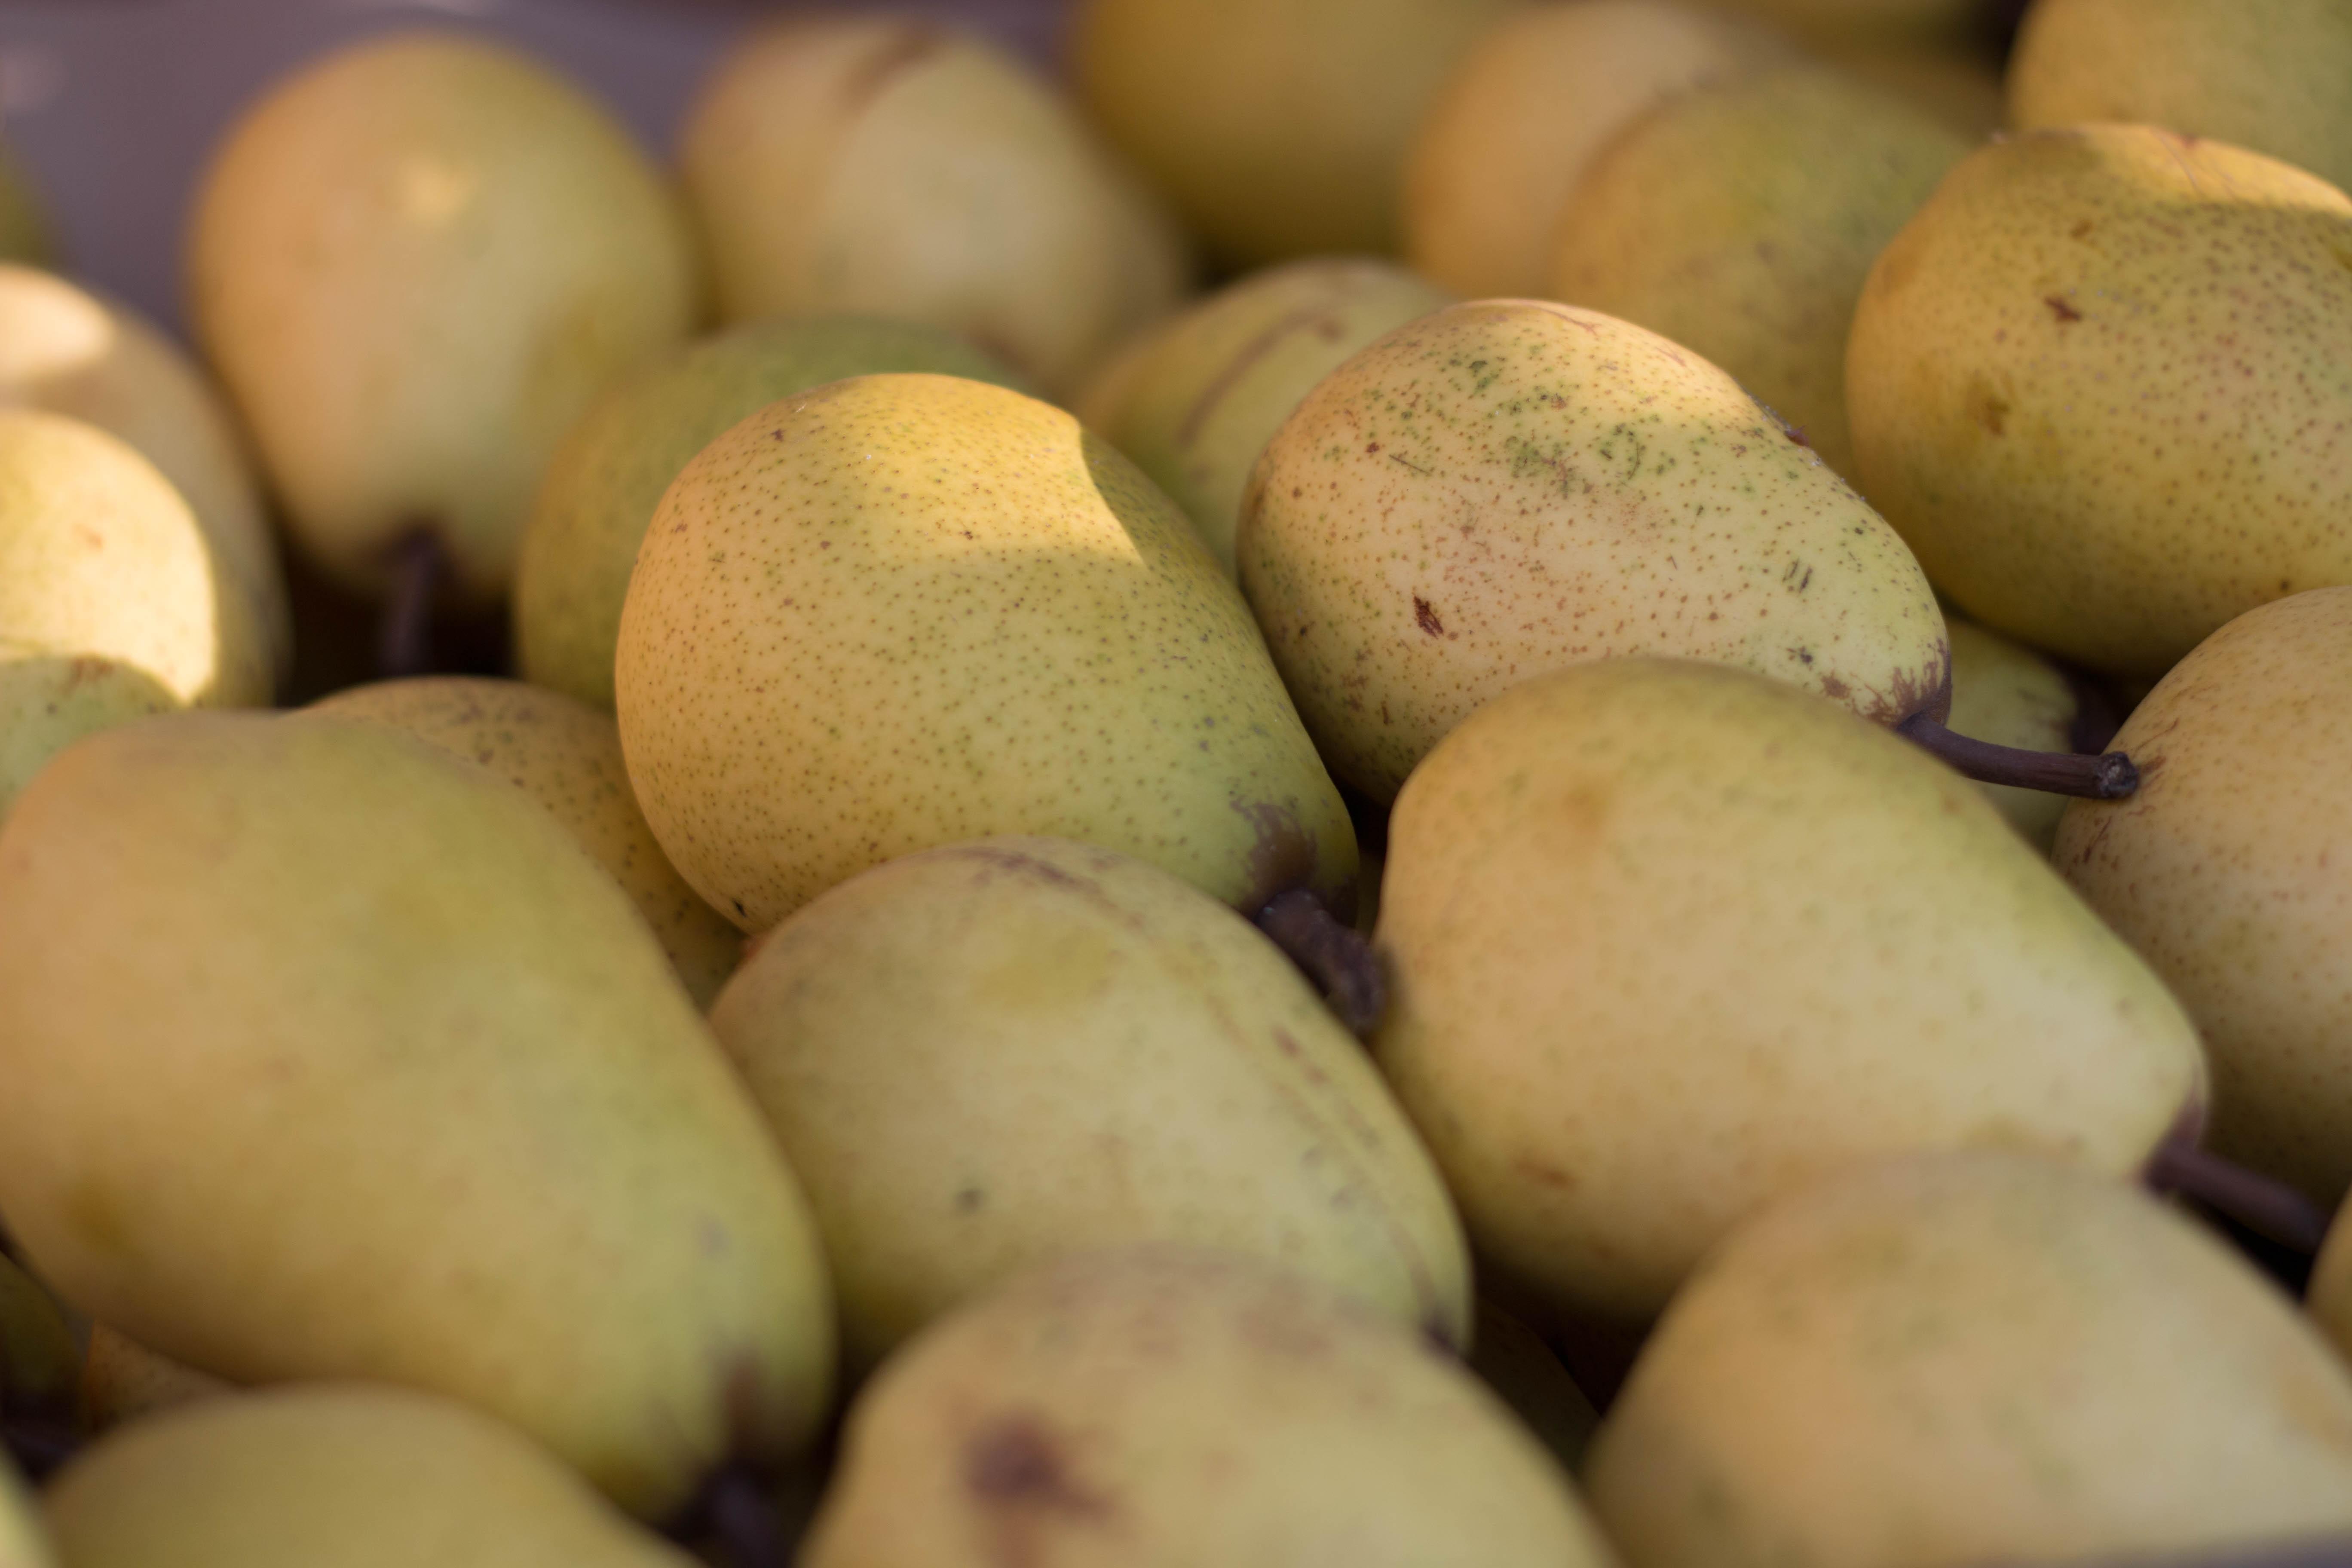 Kostenlose foto  Frucht s Lebensmittel produzieren Gemse